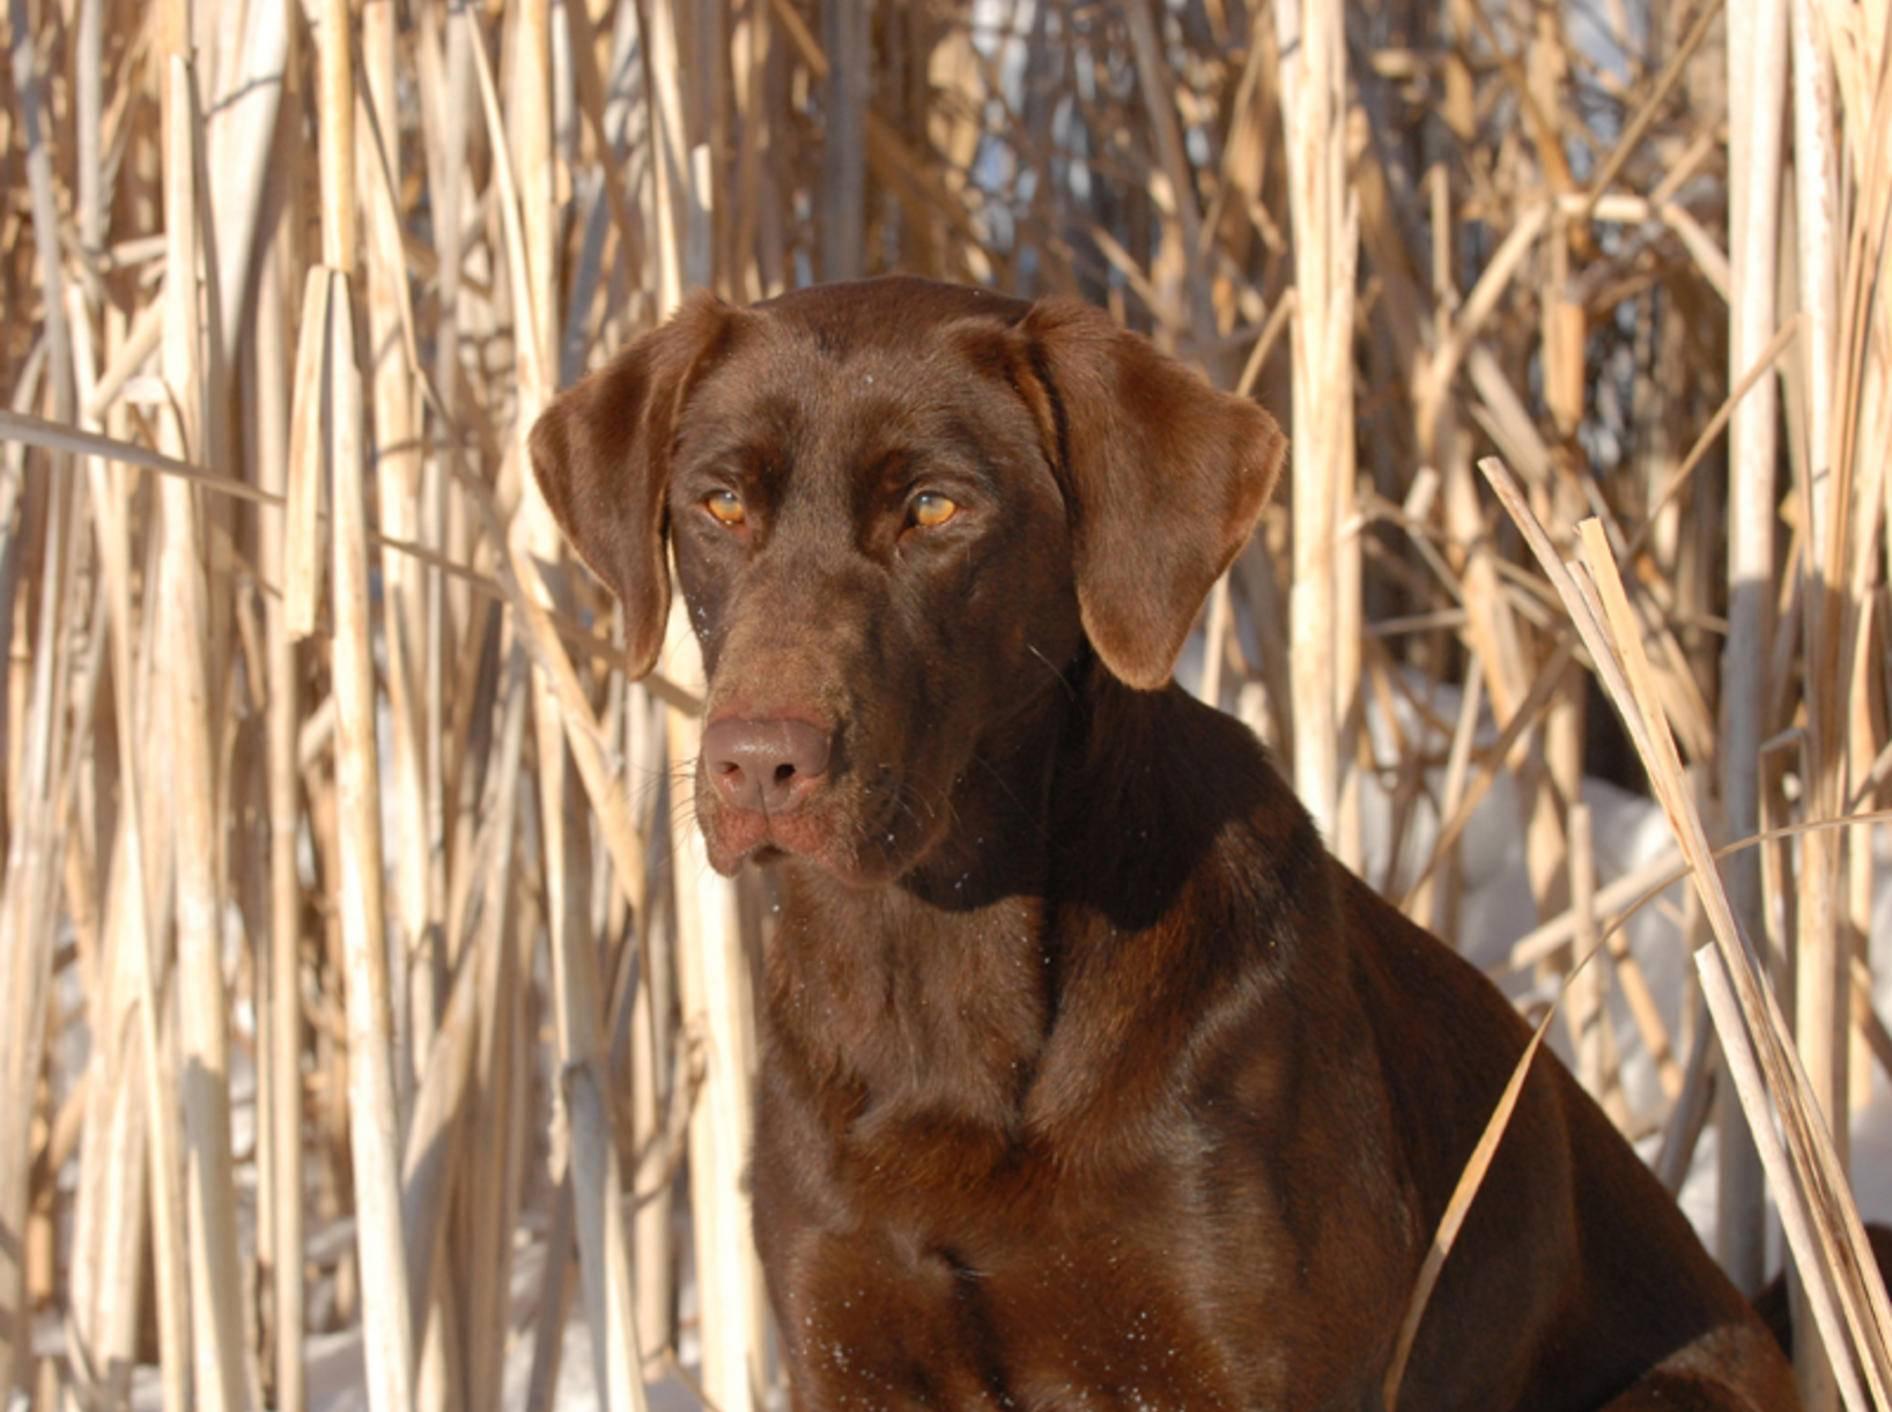 Glänzendes Fell wie bei diesem hübschen Labrador ist ein Zeichen für gute Gesundheit – Shutterstock / Kirk Geisler